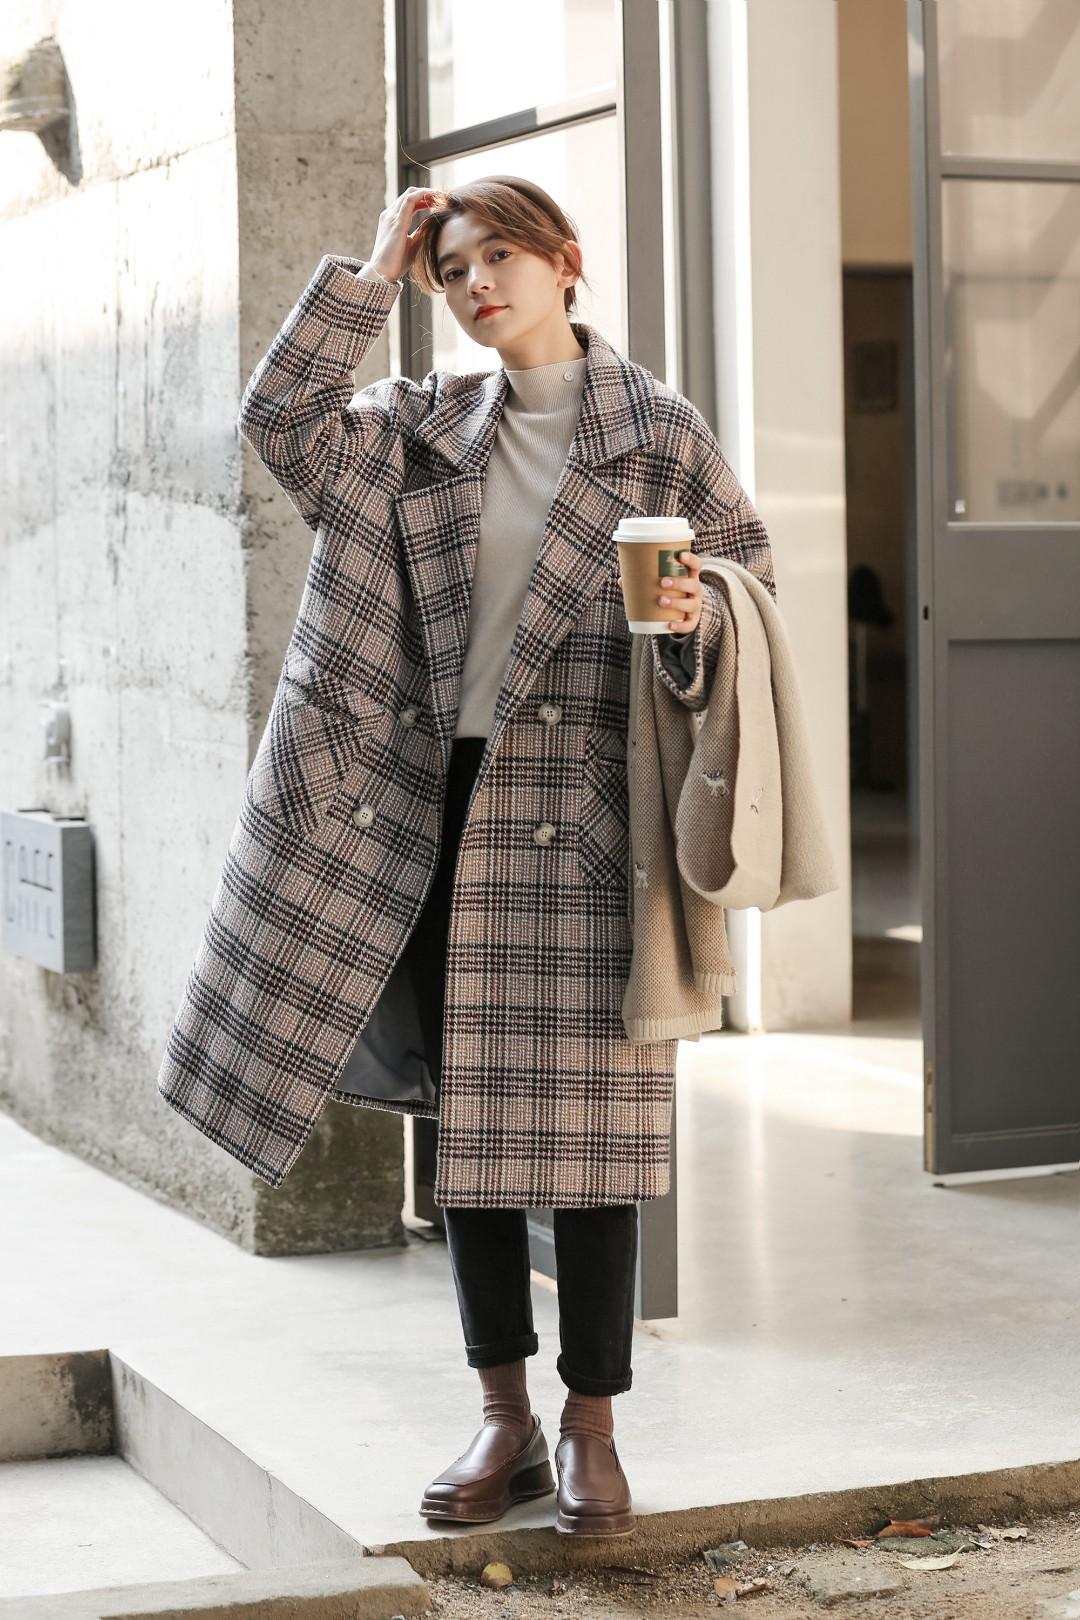 #12月第一件外套买这件!#充满着复古韵味的格纹大衣,宽松H版型自在不受束缚💫,门襟双排扣设计造型感丰富💕,金典大气的西装翻领洒脱利落😎,中长款敞开或者扣起穿都有气场✨